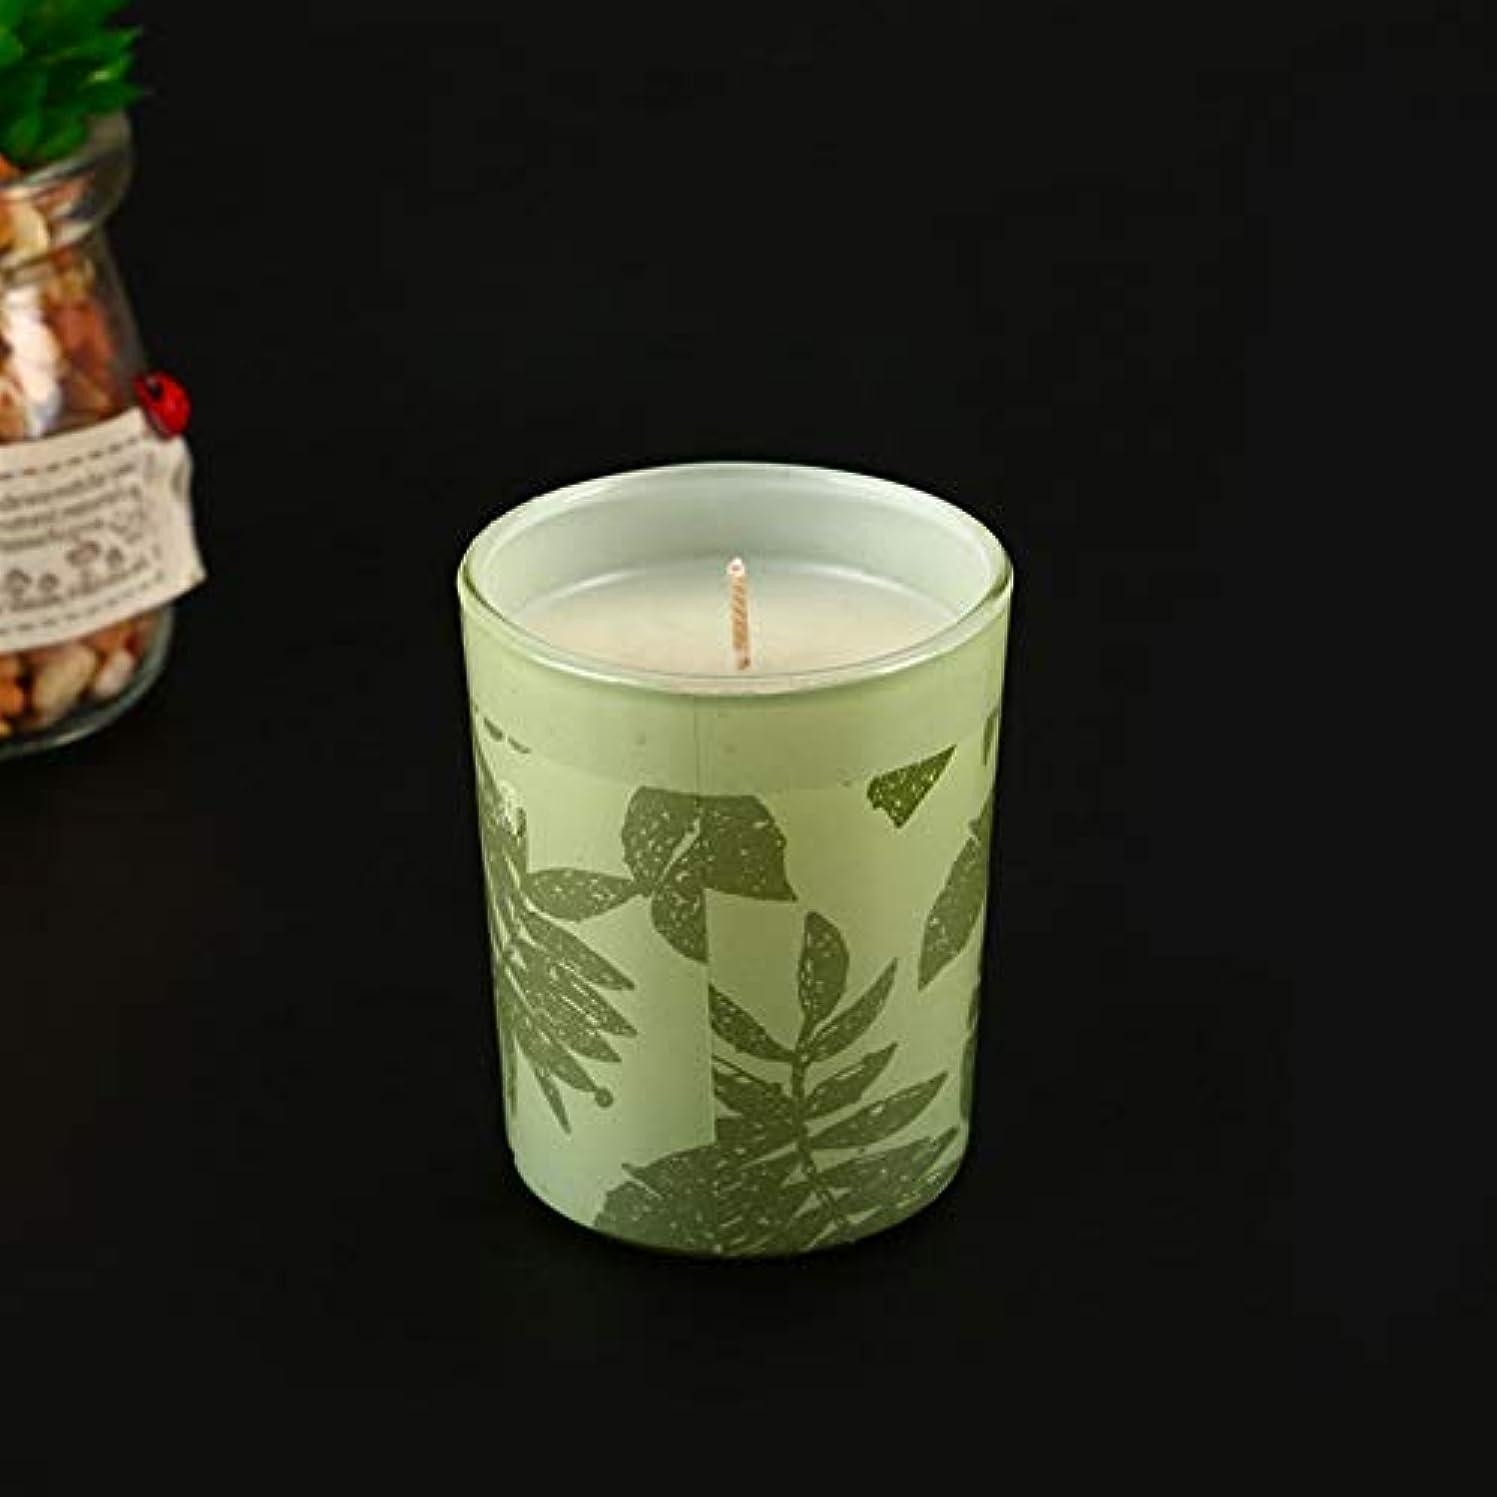 生息地イブボードGuomao アロマセラピーキャンドルガラス香料入りキャンドル無煙大豆キャンドル誕生日キャンドル (色 : Green tea)